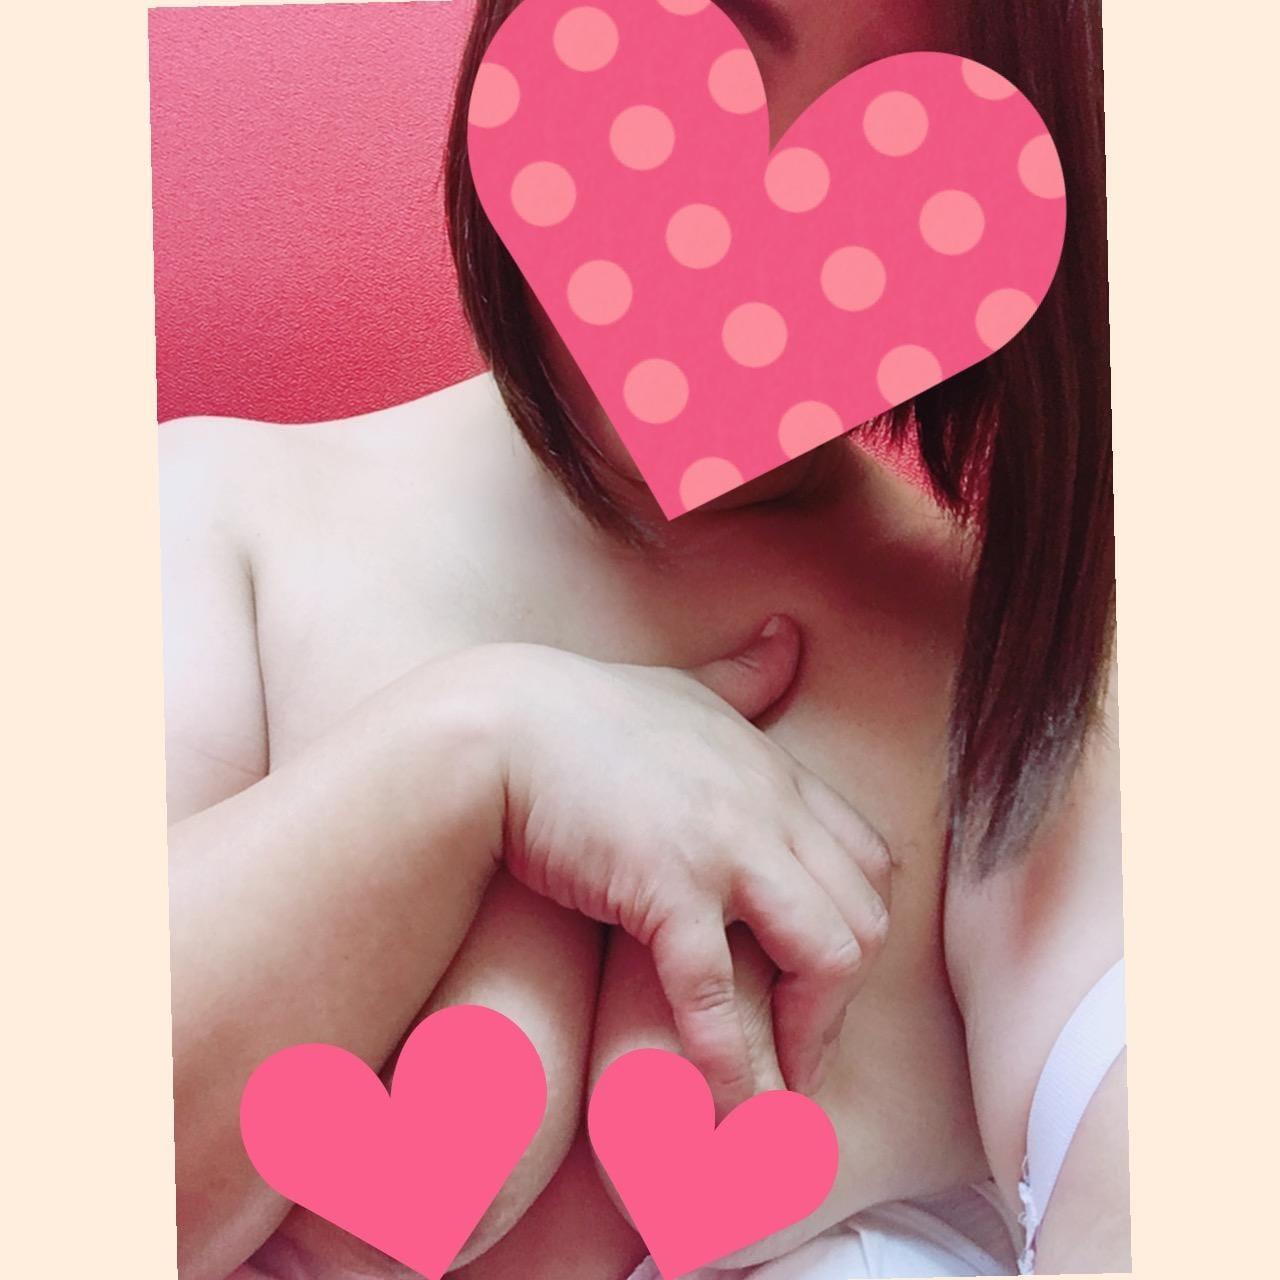 「御礼♡」07/19(木) 22:50 | おとの写メ・風俗動画